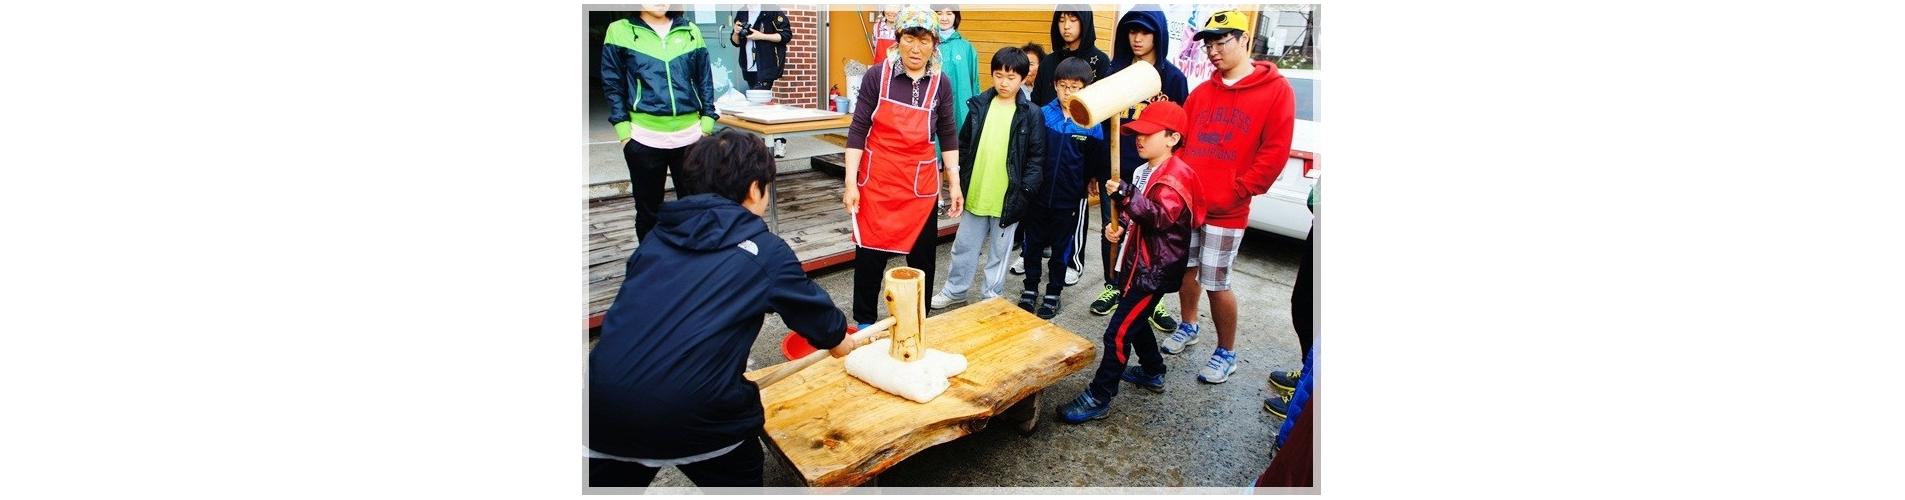 2013 봄캠핑-적벽강 Day 4-2